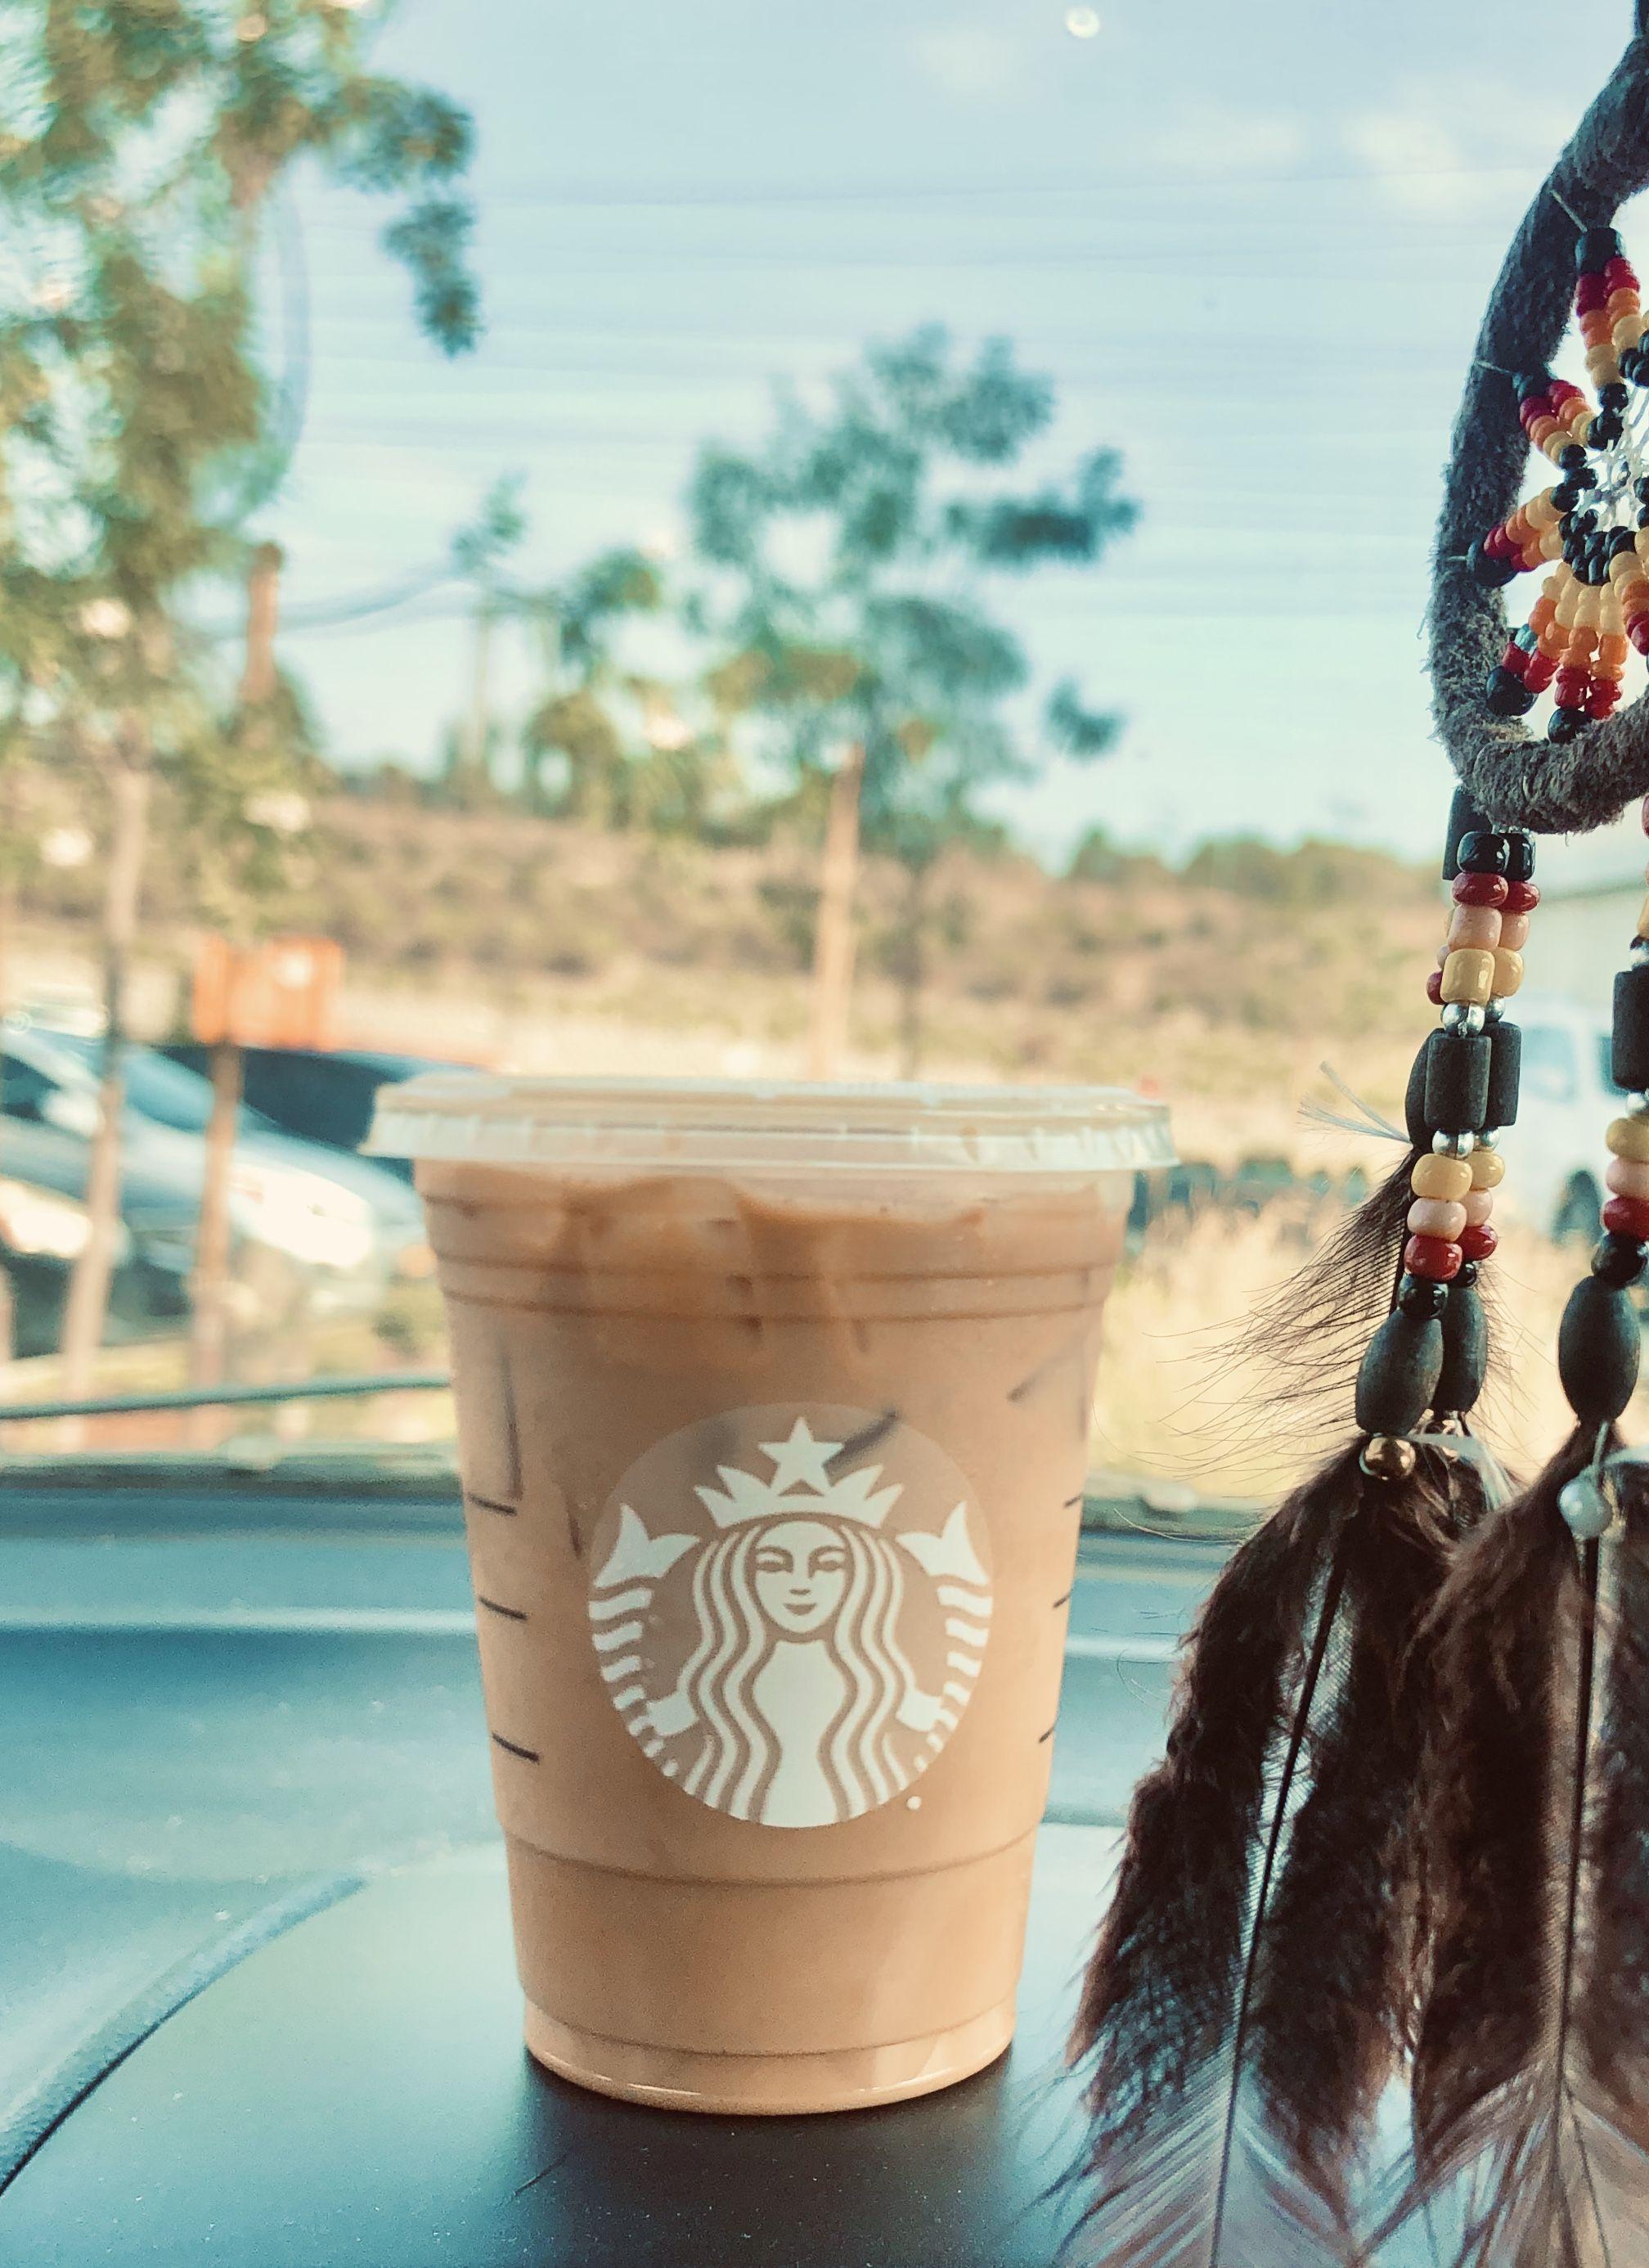 Socal Vibes Starbucks Dream Catcher Aesthetic